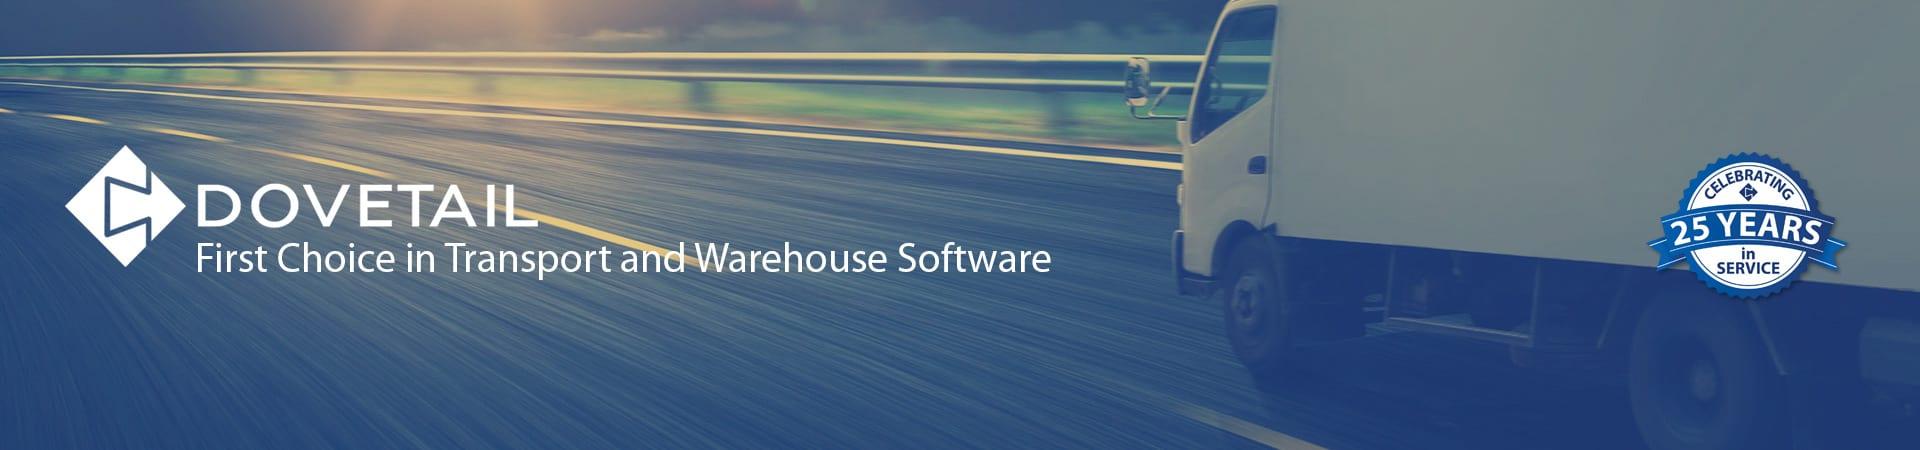 Transport Management Software (TMS) - Transport Management